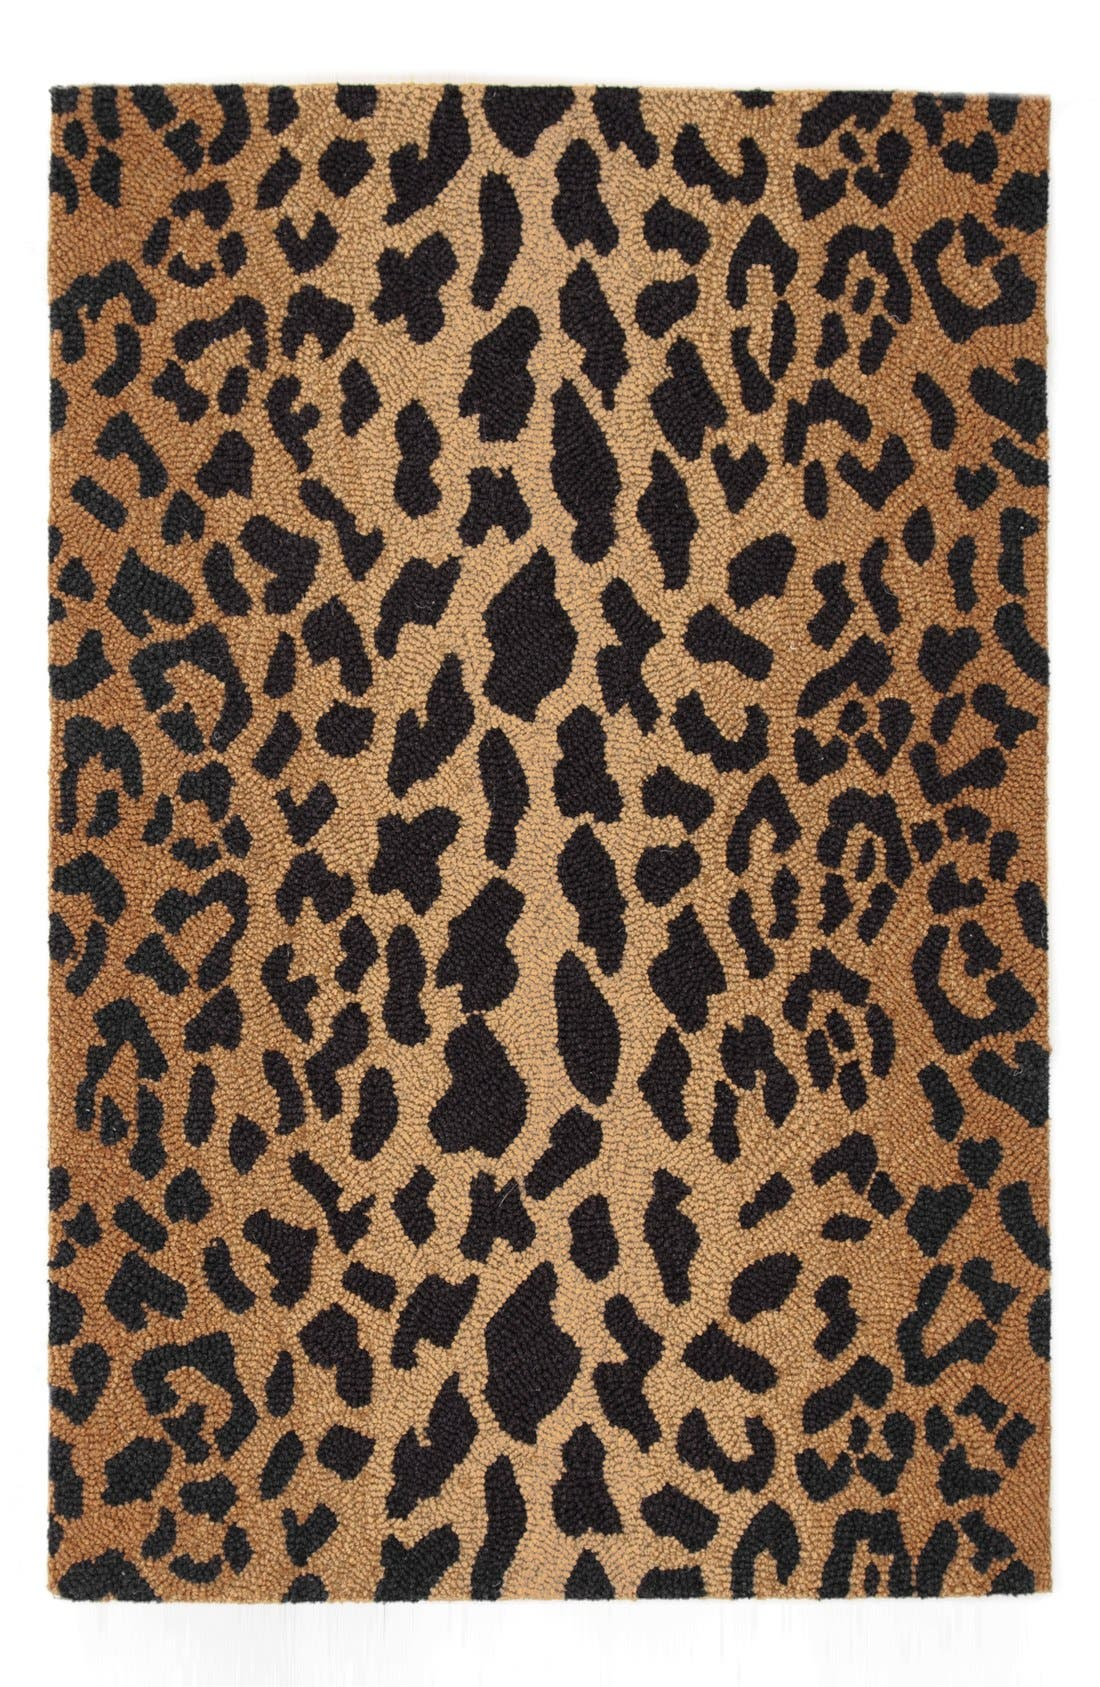 Leopard Print Wool Rug,                         Main,                         color, BROWN